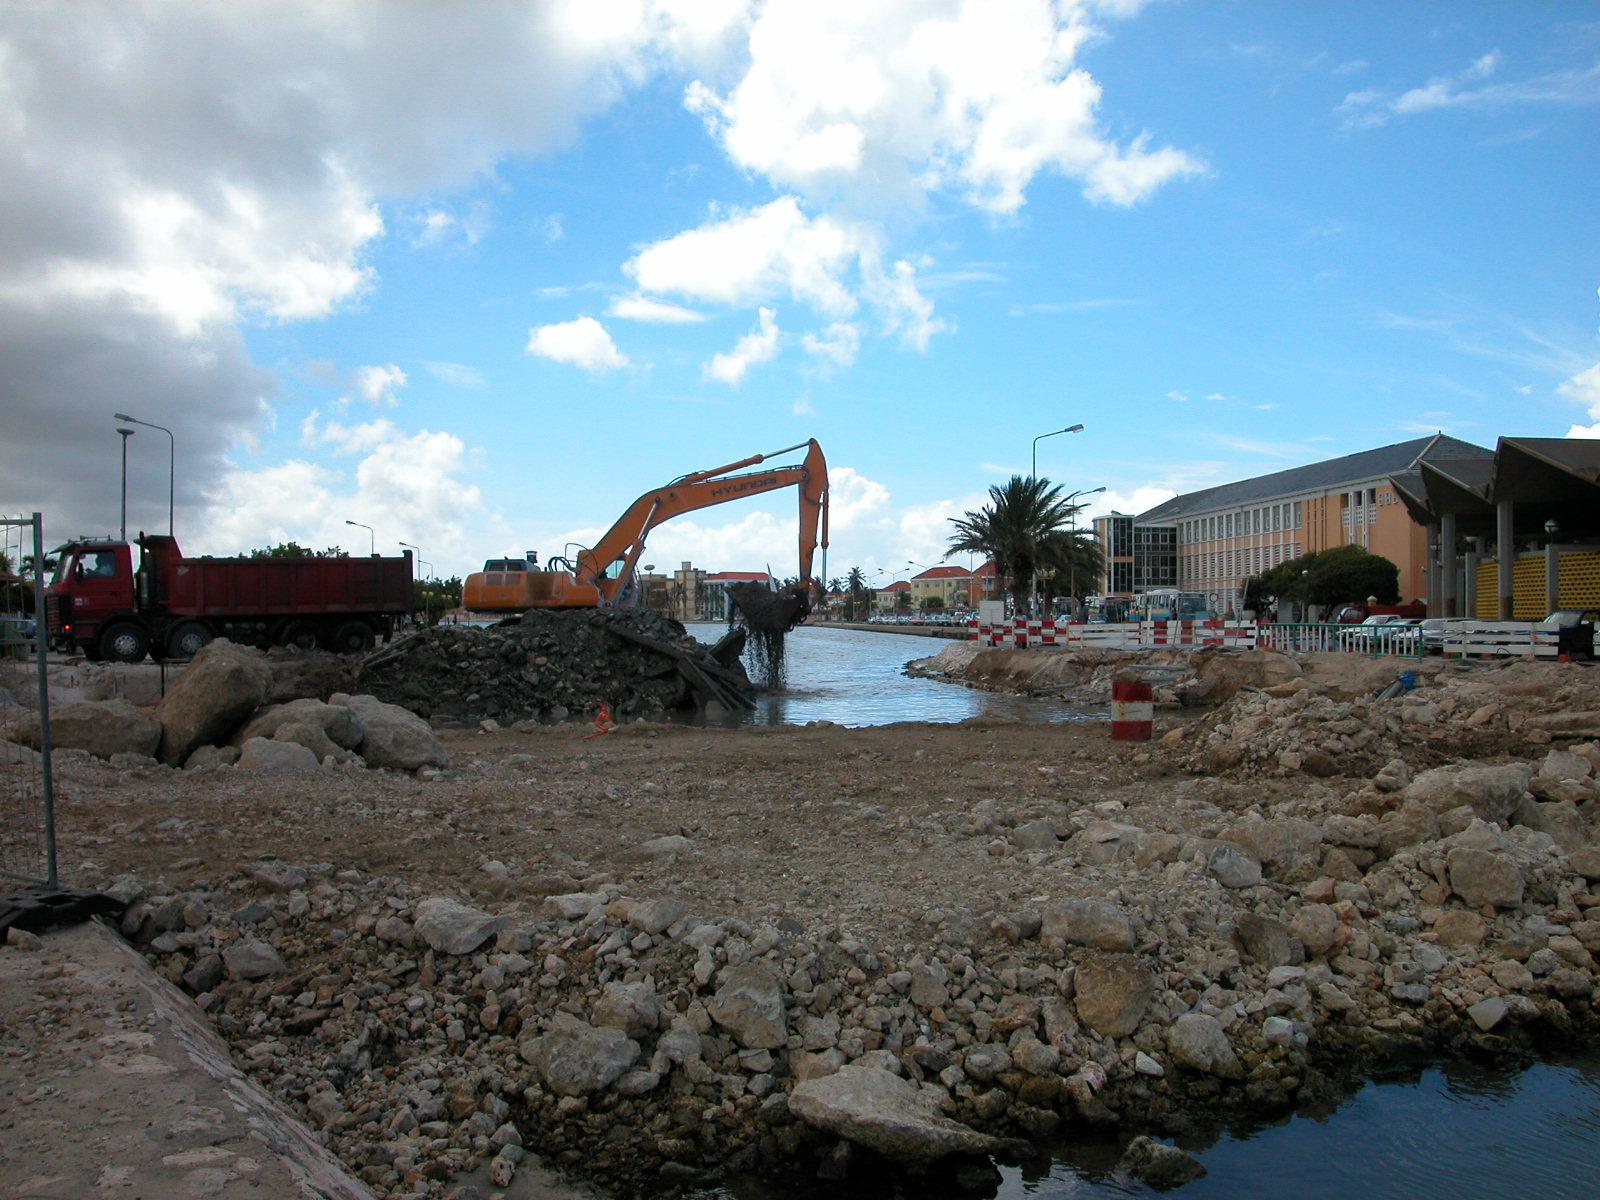 jacco constructing construction site build harbor harbour crane rubble